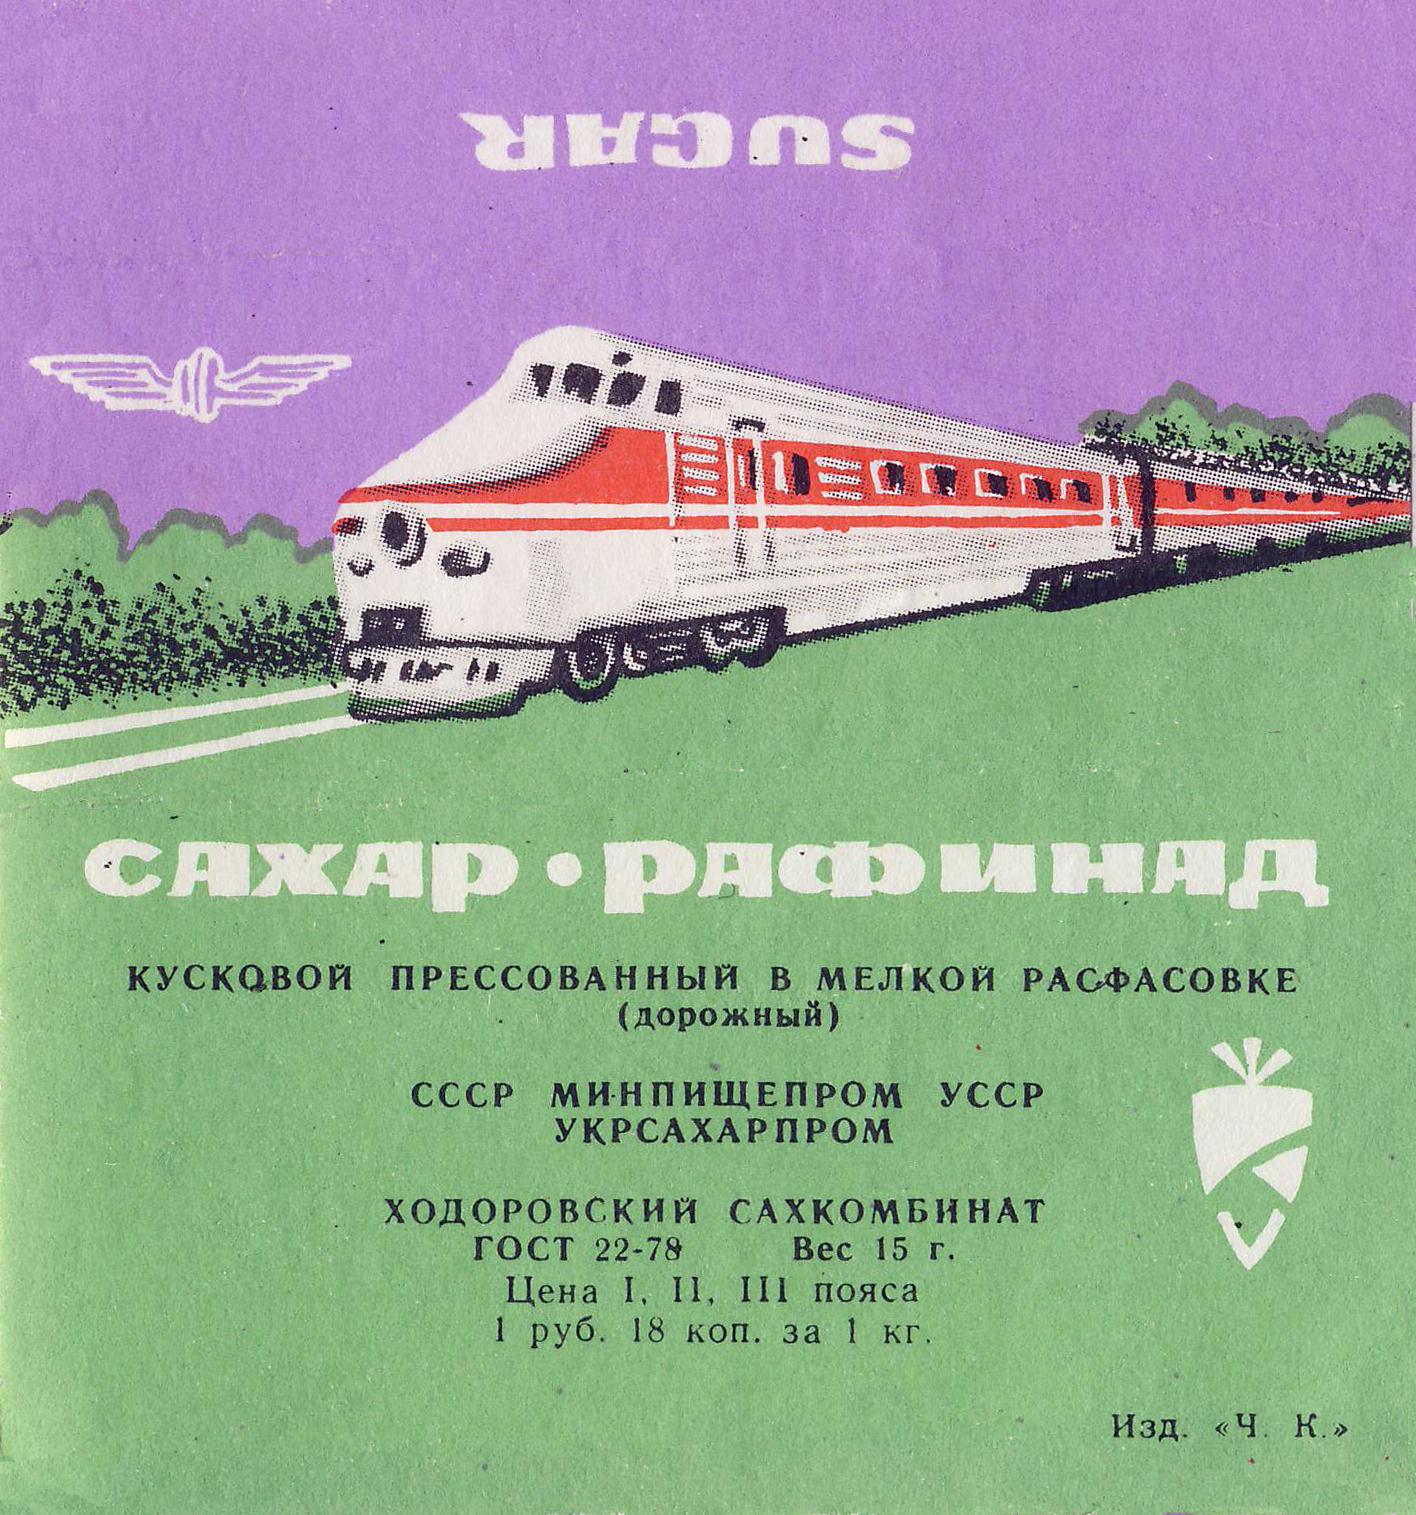 Упаковка сахара из вагона поезда